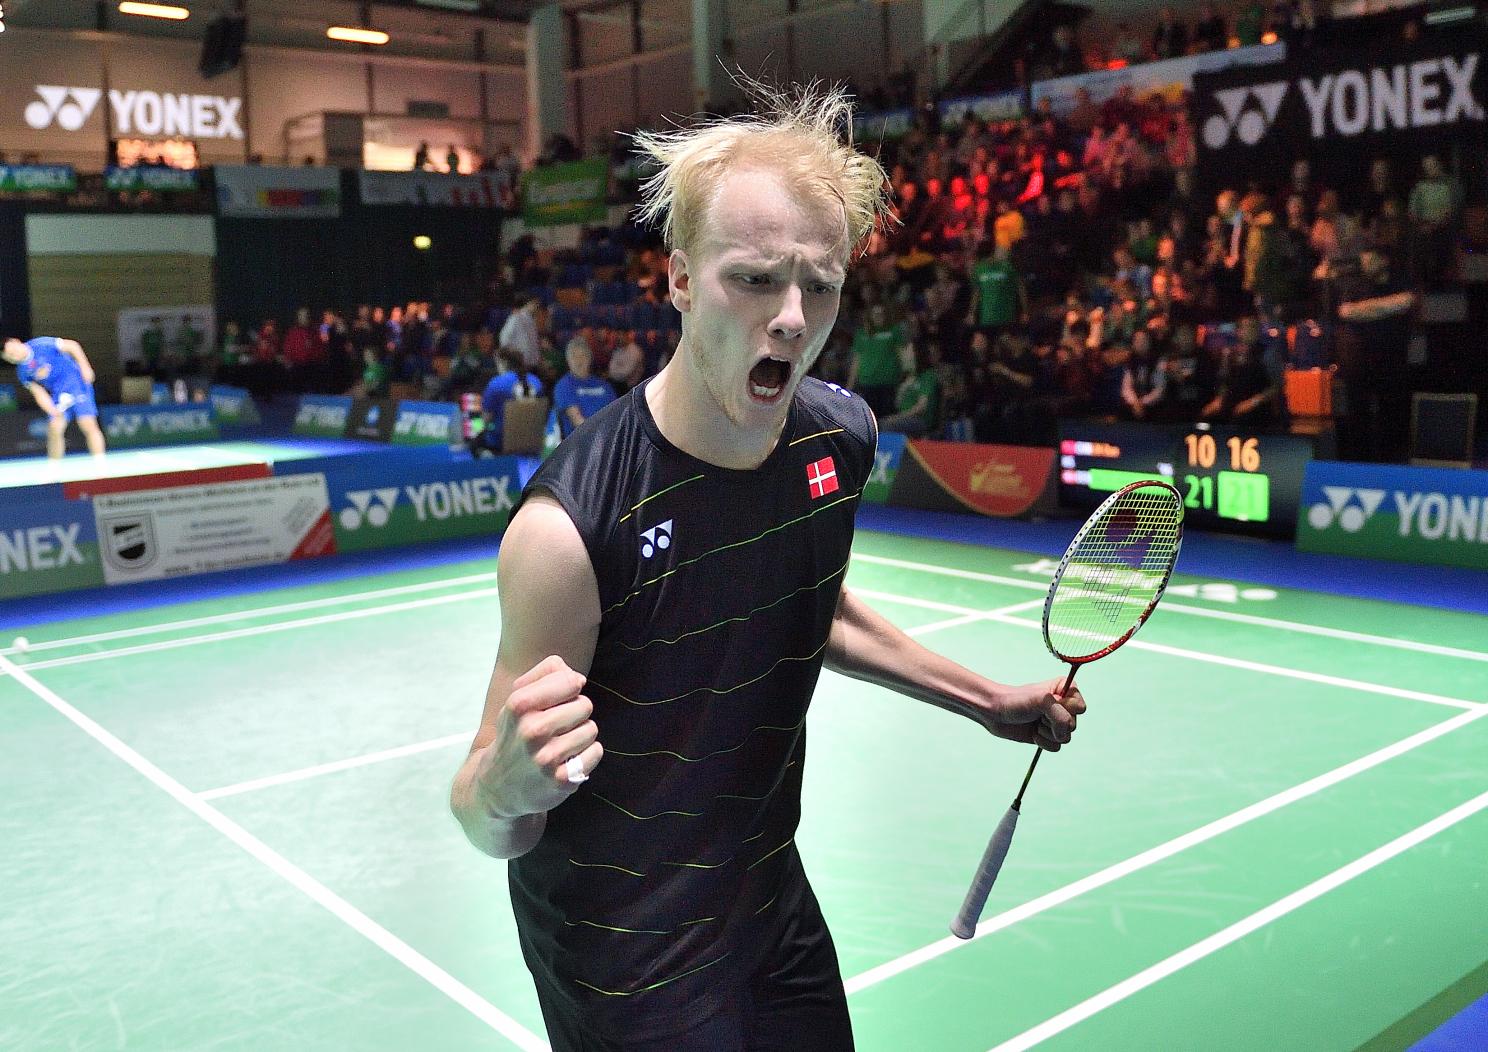 bevor Emil Holst dann der Riesencoup gelang. 21:10 und 21:16 gegen Superstar und Seriensieger Lin Dan! Damit gehen die German Open ohne den großen Chinesen weiter.